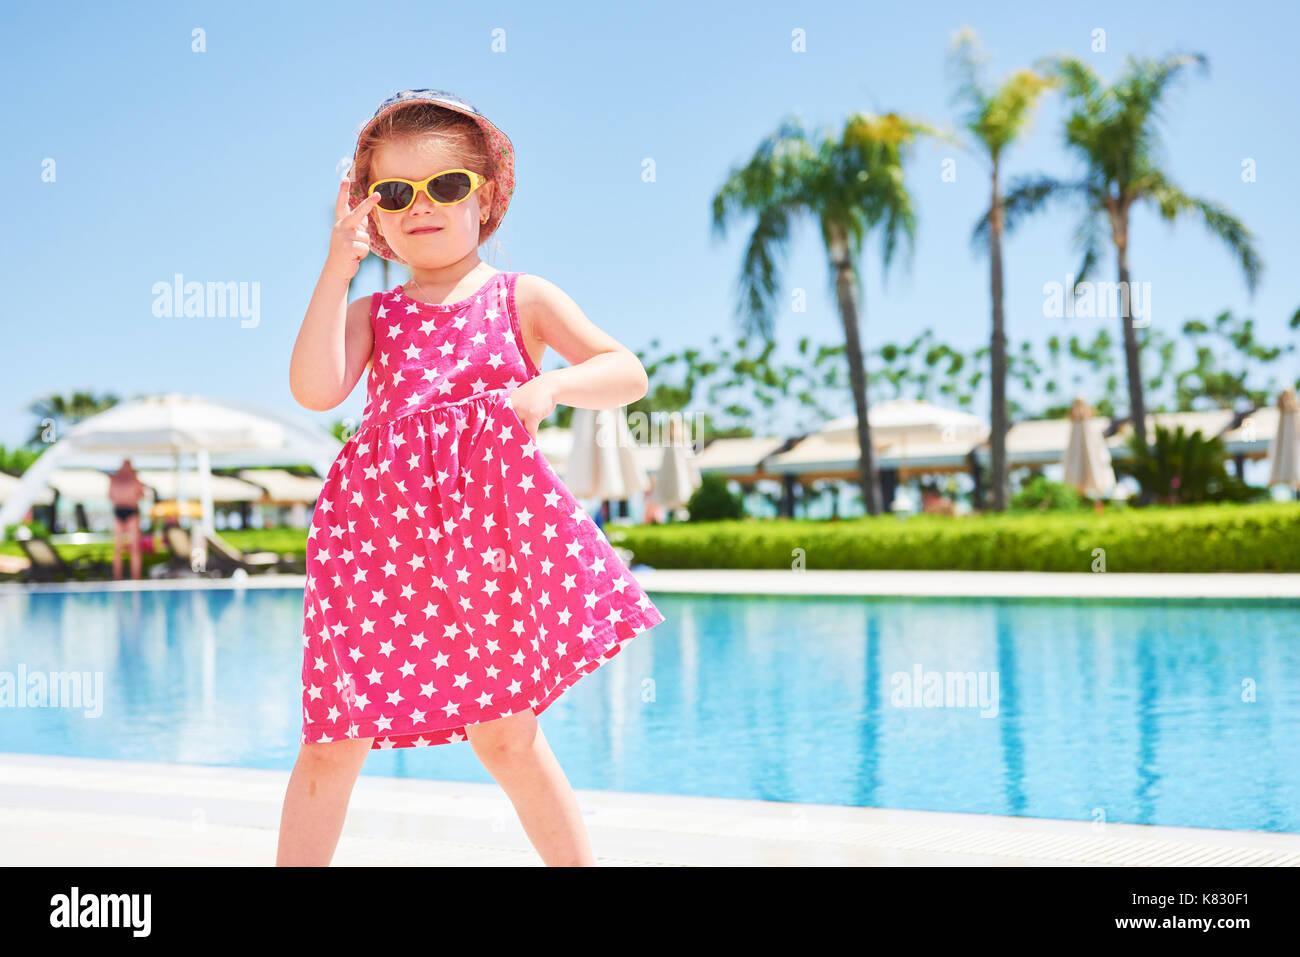 Ritratto di una ragazza felice all'aperto in estate giorno. amara dolce vita hotel di lusso. resort. tekirova-kemer. la Turchia. Immagini Stock